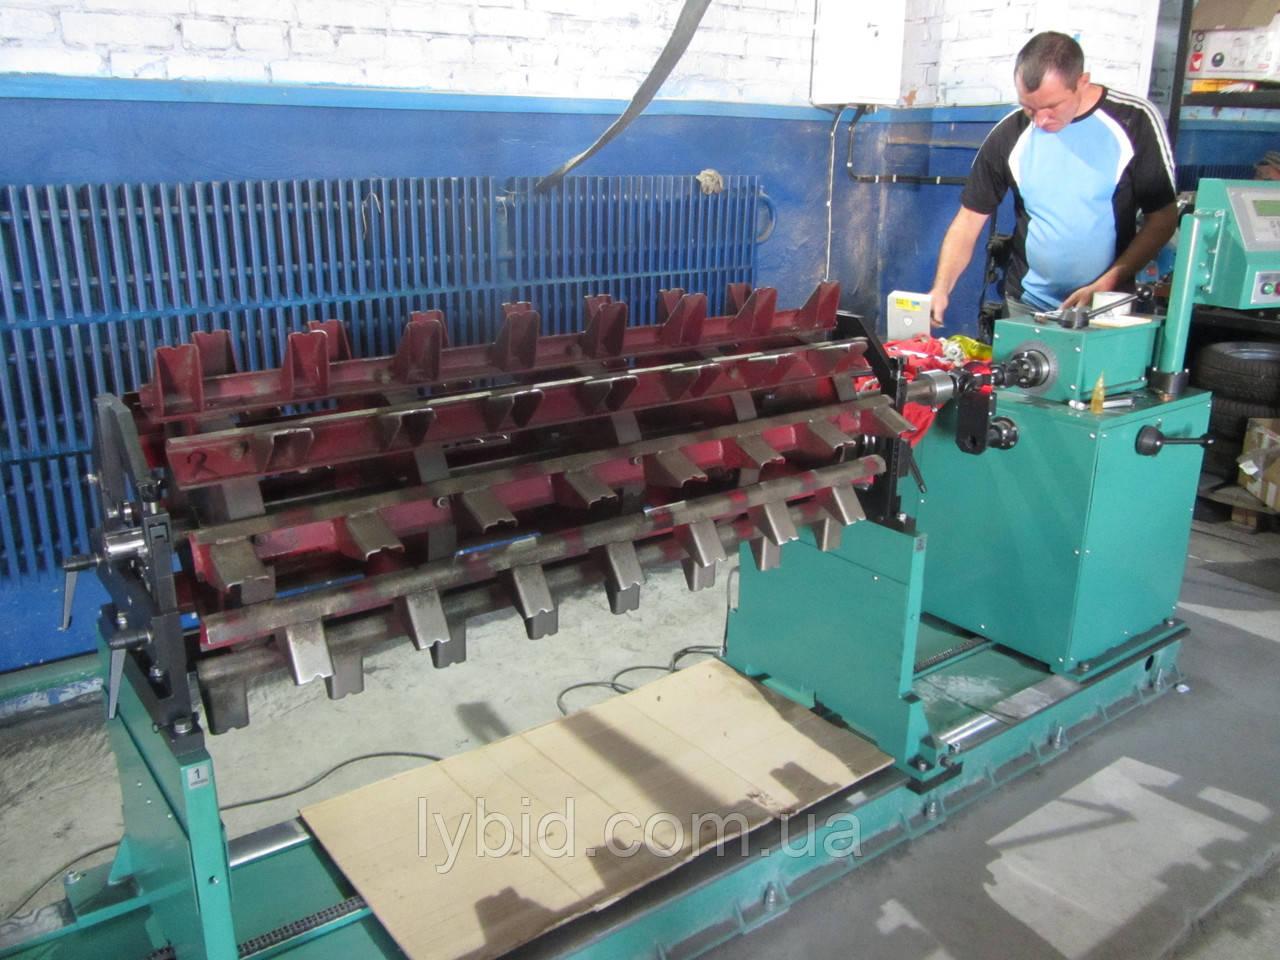 Изготовление или ремонт роторов измельчителей комбайнов, роторов мульчеров